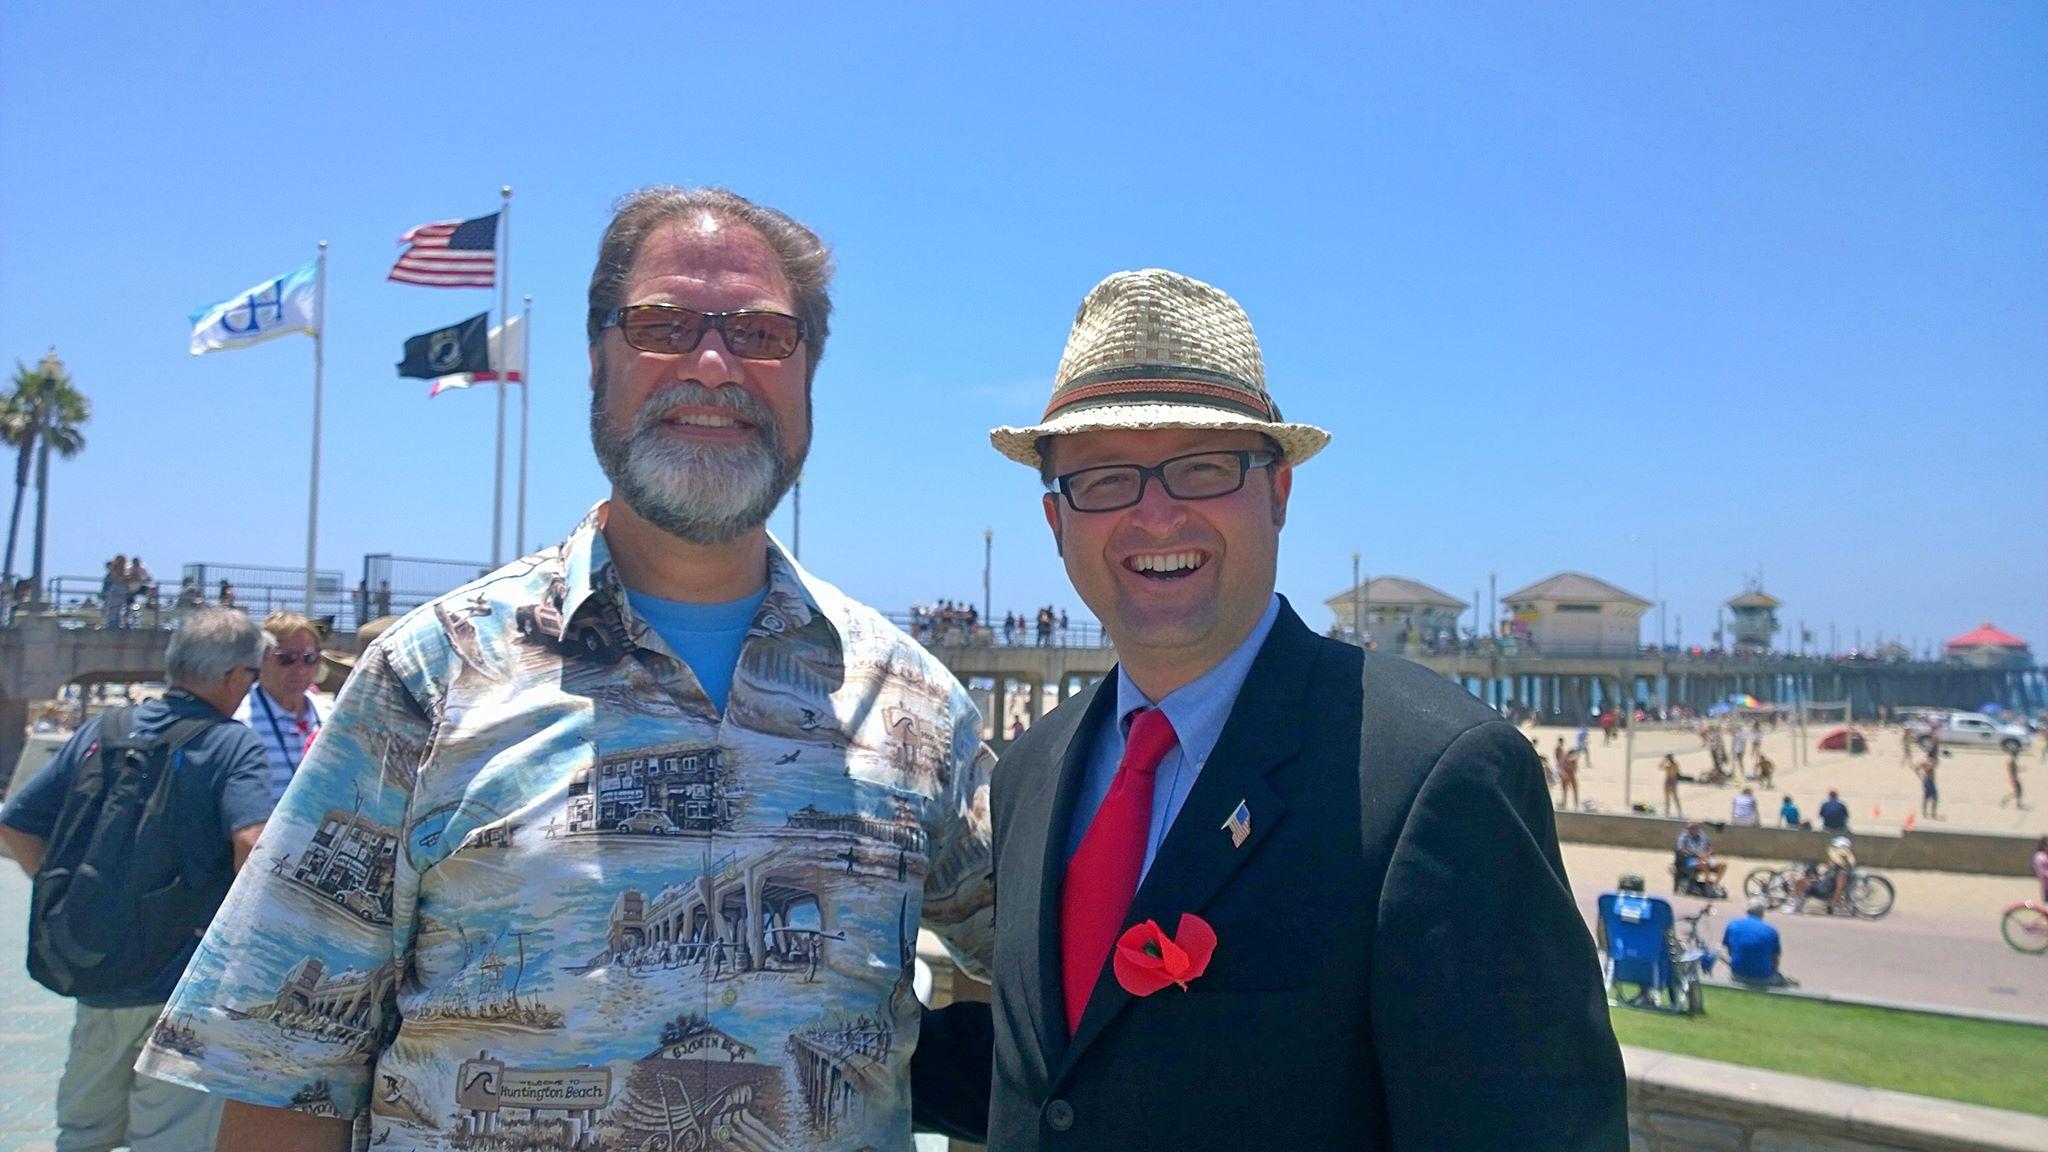 Mayor Harper & OC Supervisor Moorlac